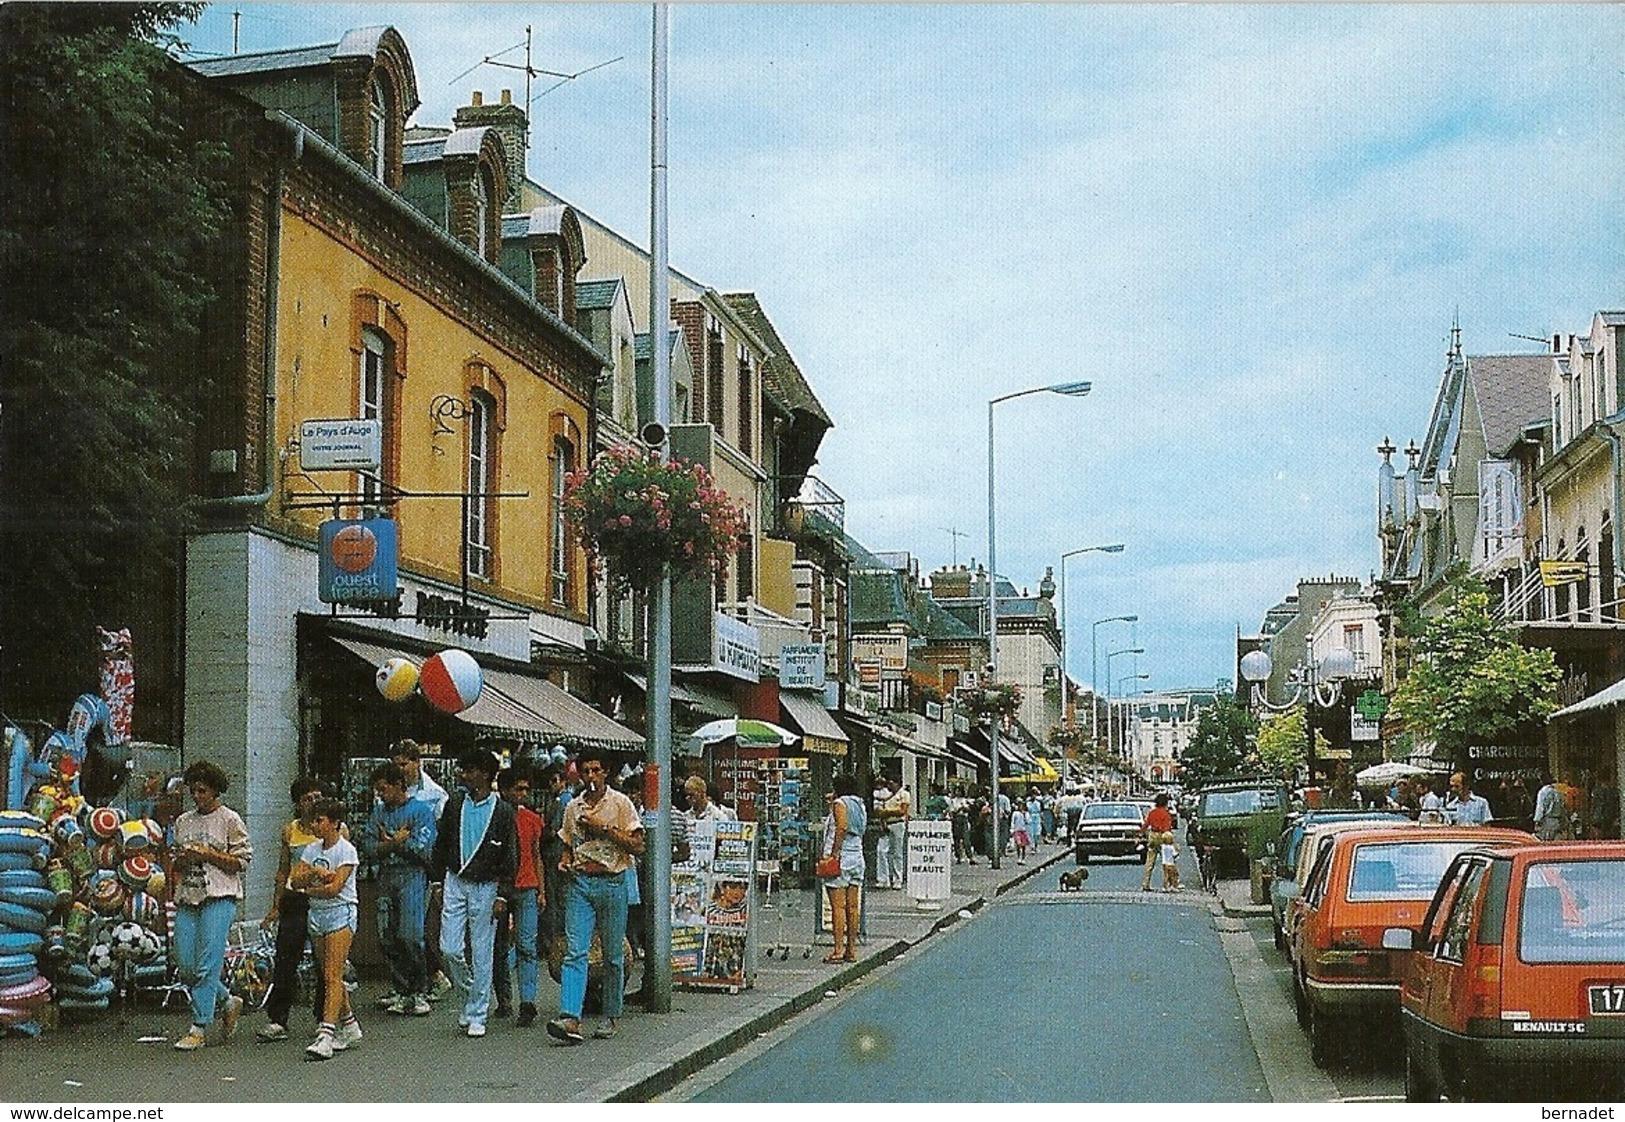 14 .. CABOURG .. AVENUE DE LA MER .. OUEST FRANCE .. LE PAYS D'AUGE - Cabourg